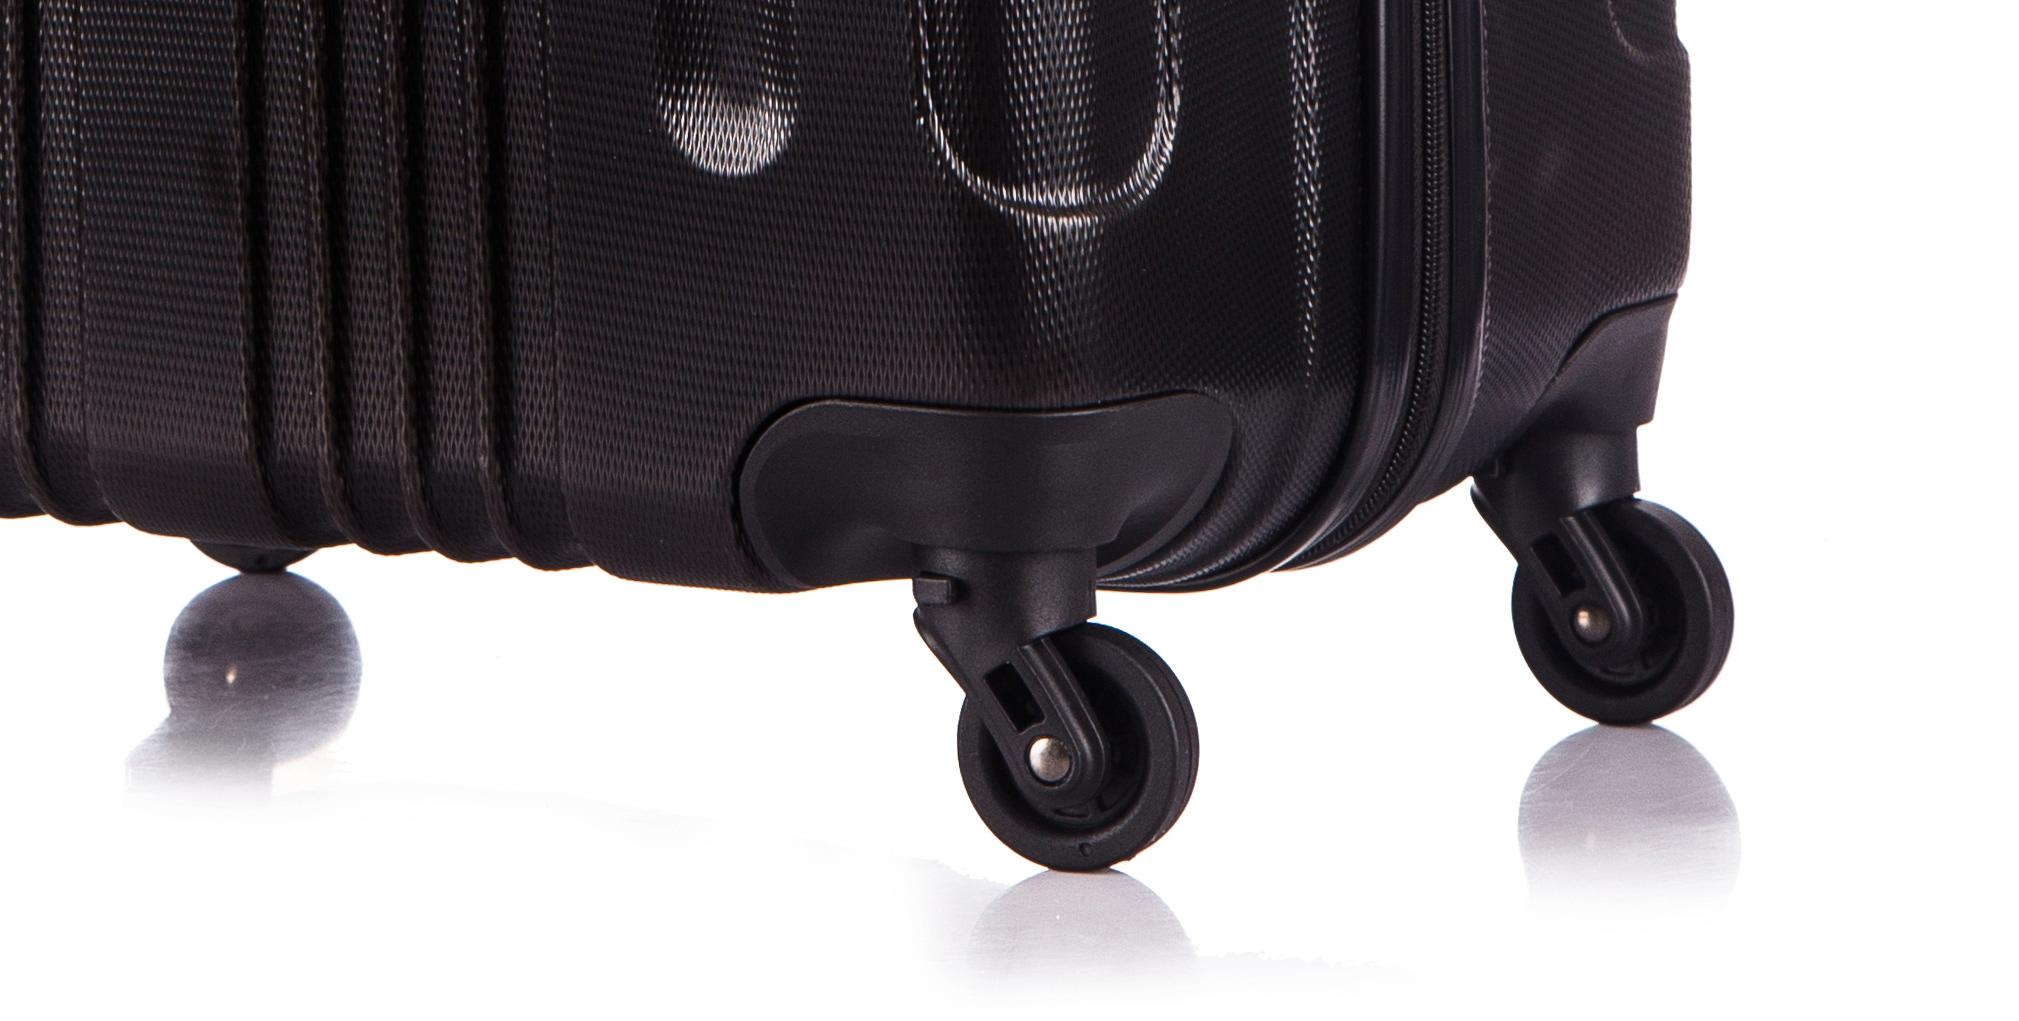 Чемодан со съемными колесами L'case Bangkok-18 Черный ручная кладь (S)